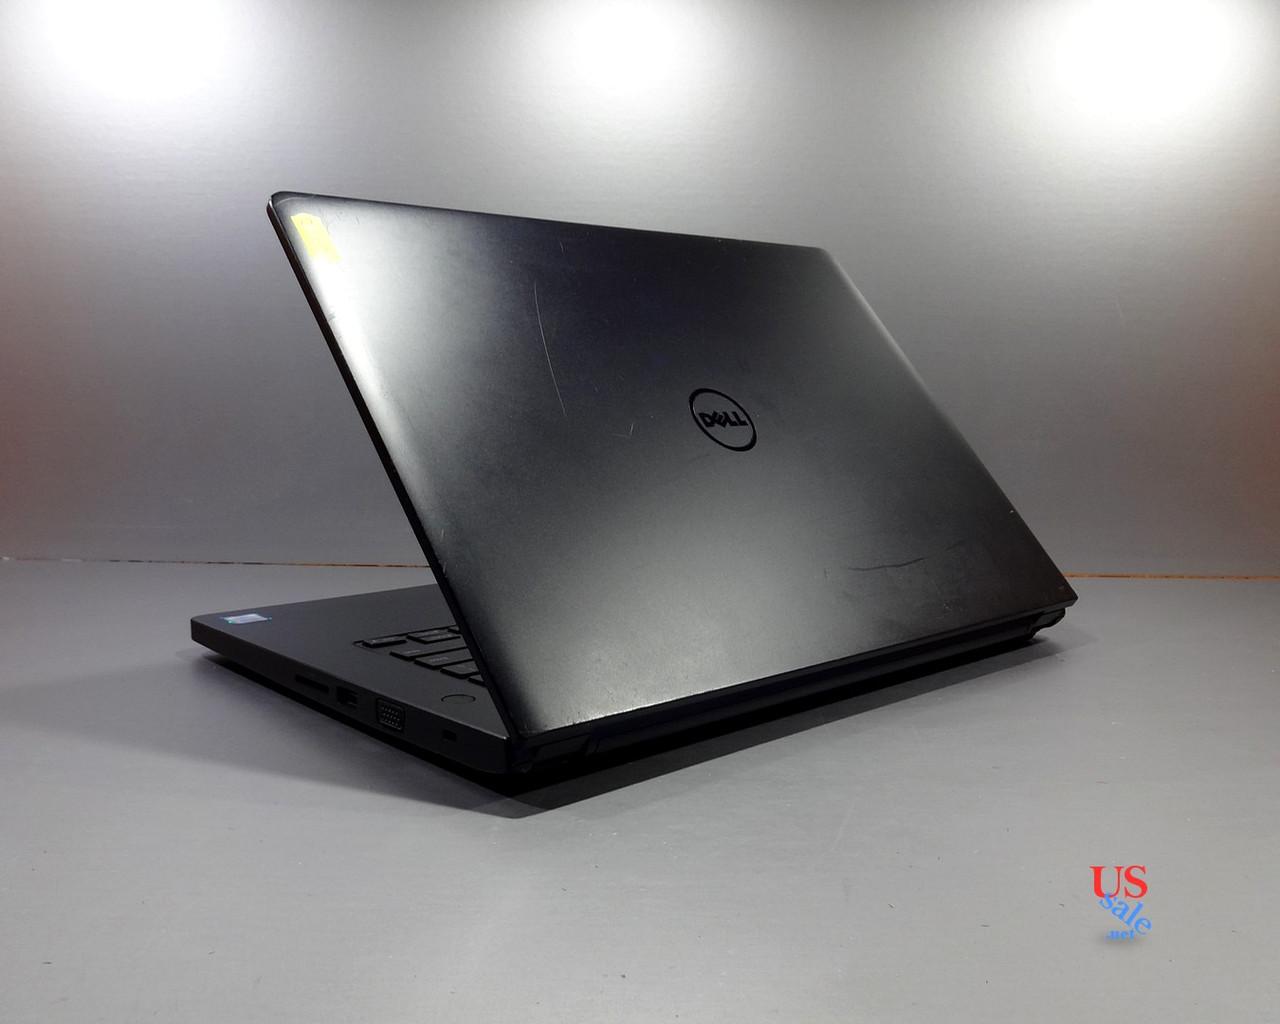 Ноутбук Dell Latitude 3470 14″, Intel Core i3-6100u 2.3Ghz, 16Gb DDR3, 500Gb. Гарантия!